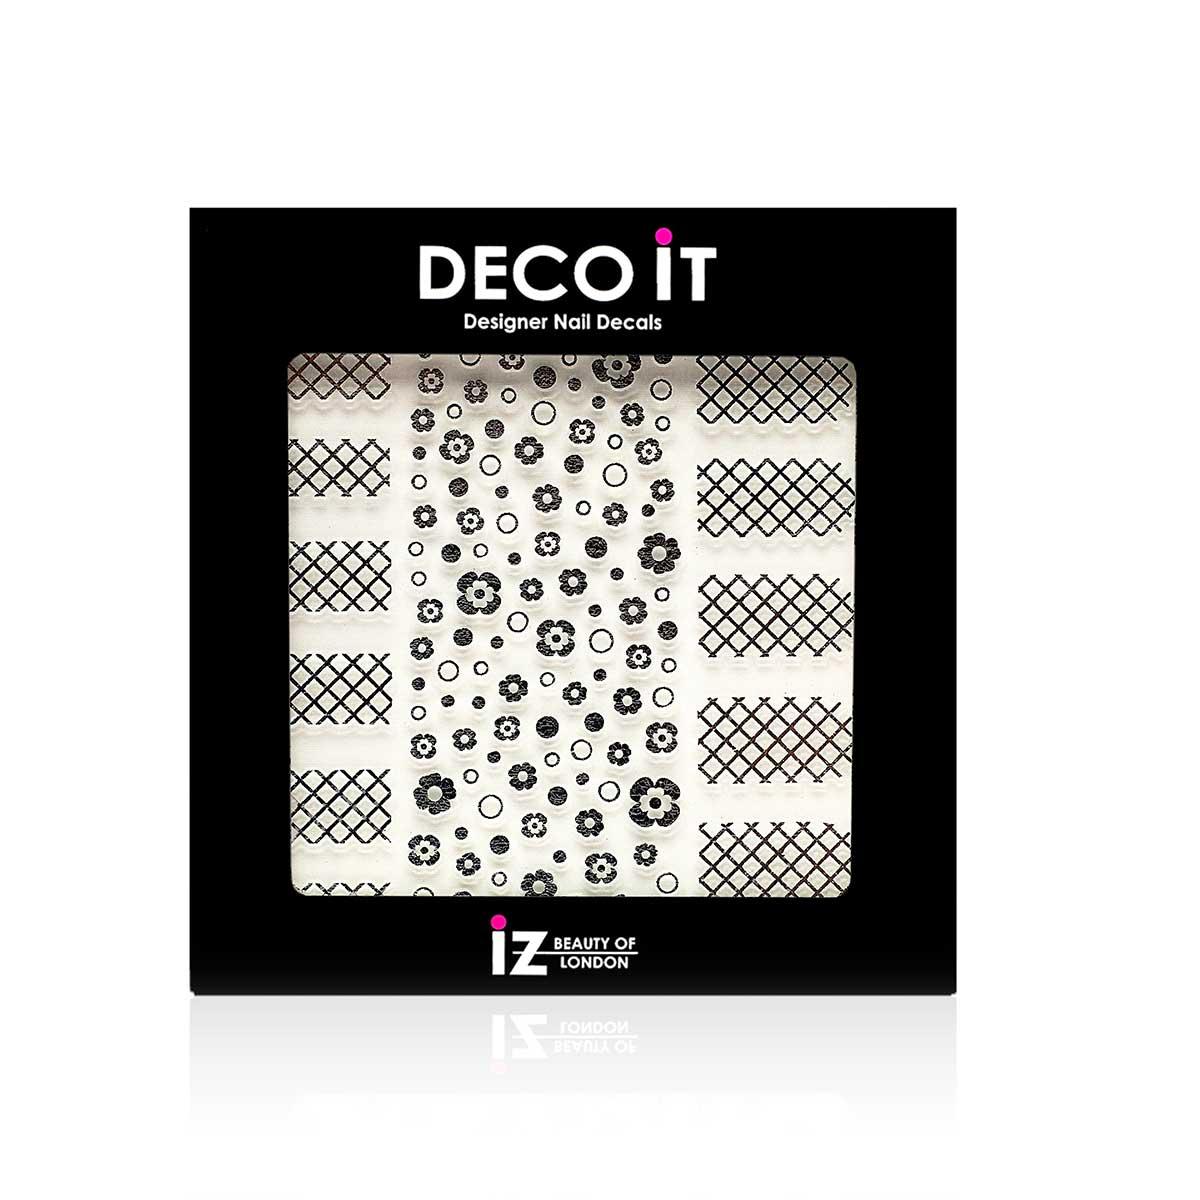 DECFMON_DECO-iT-Flower-power-monochrome